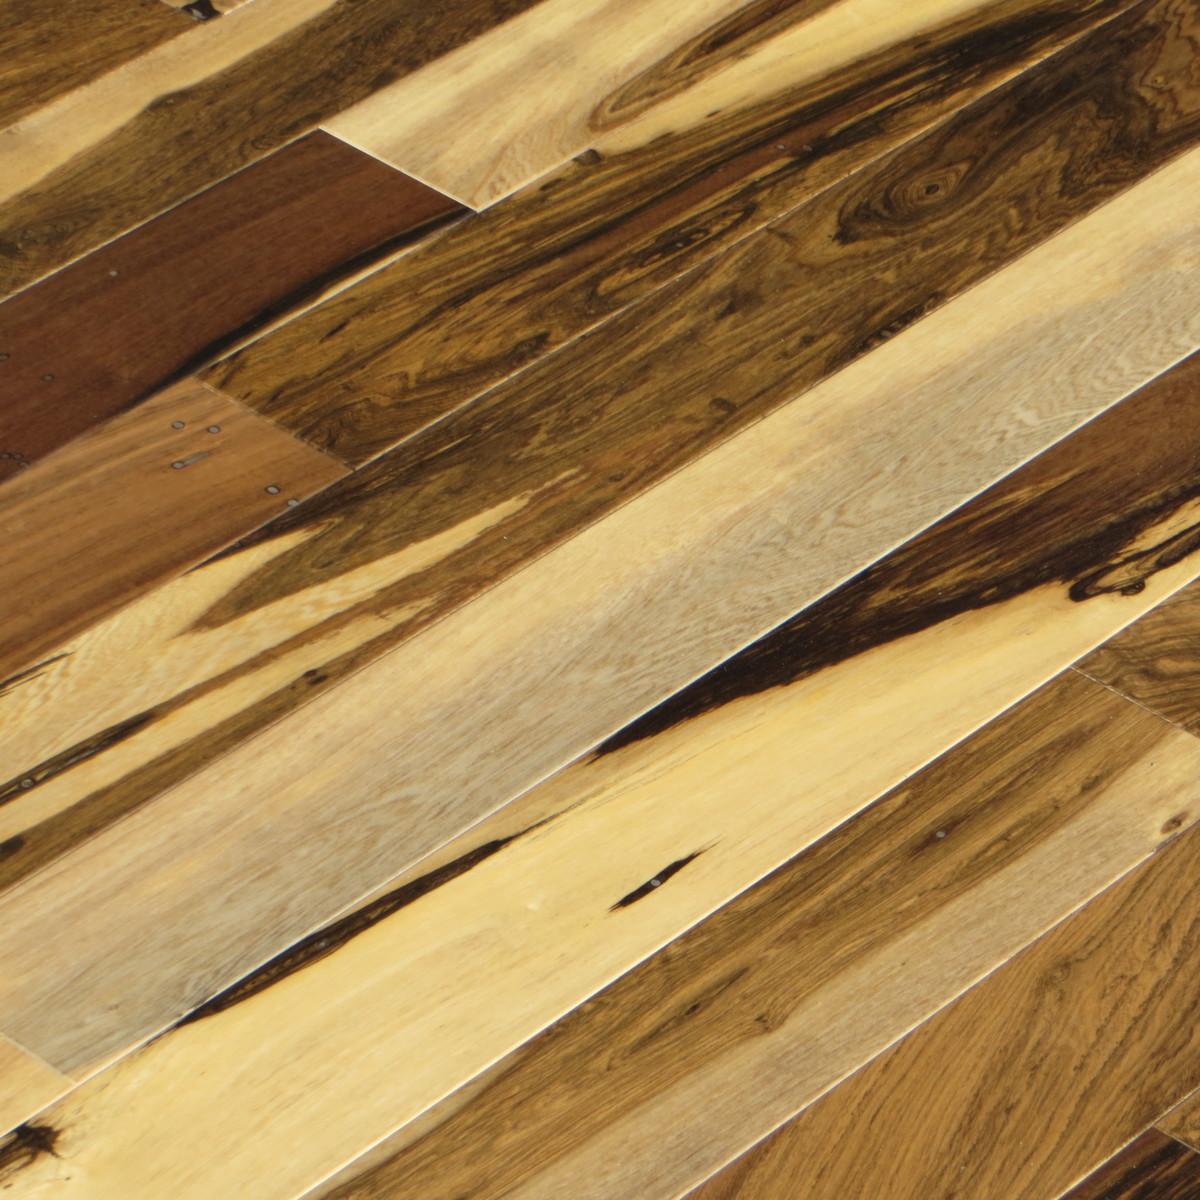 solid hardwood floor brazilian pecan hardwood flooring | prefinished solid hardwood floors,  elegance plyquet wood PNIJEPV